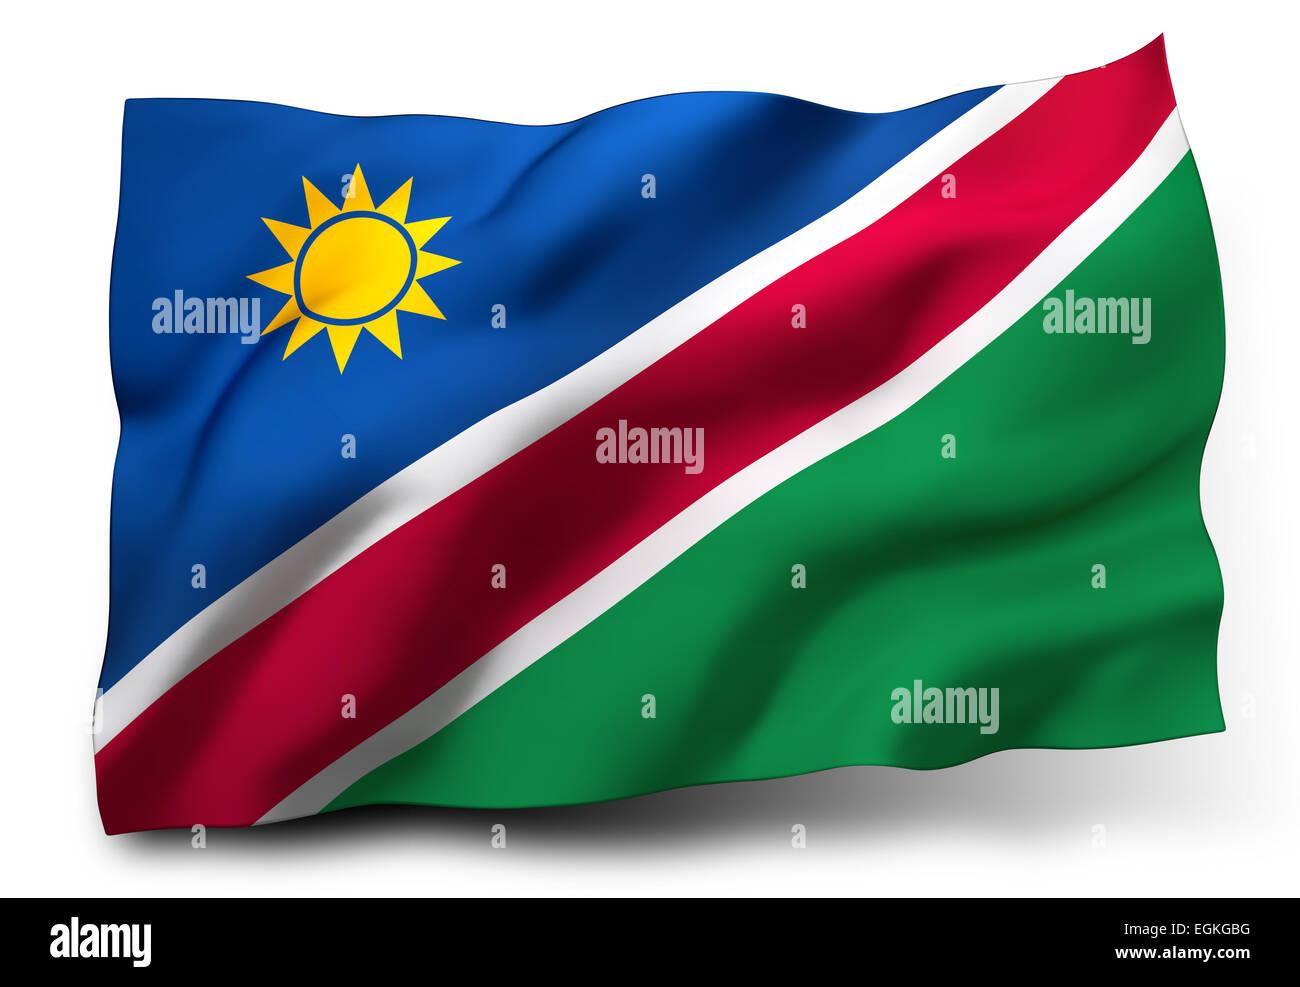 Waving flag of Namibia isolated on white background - Stock Image